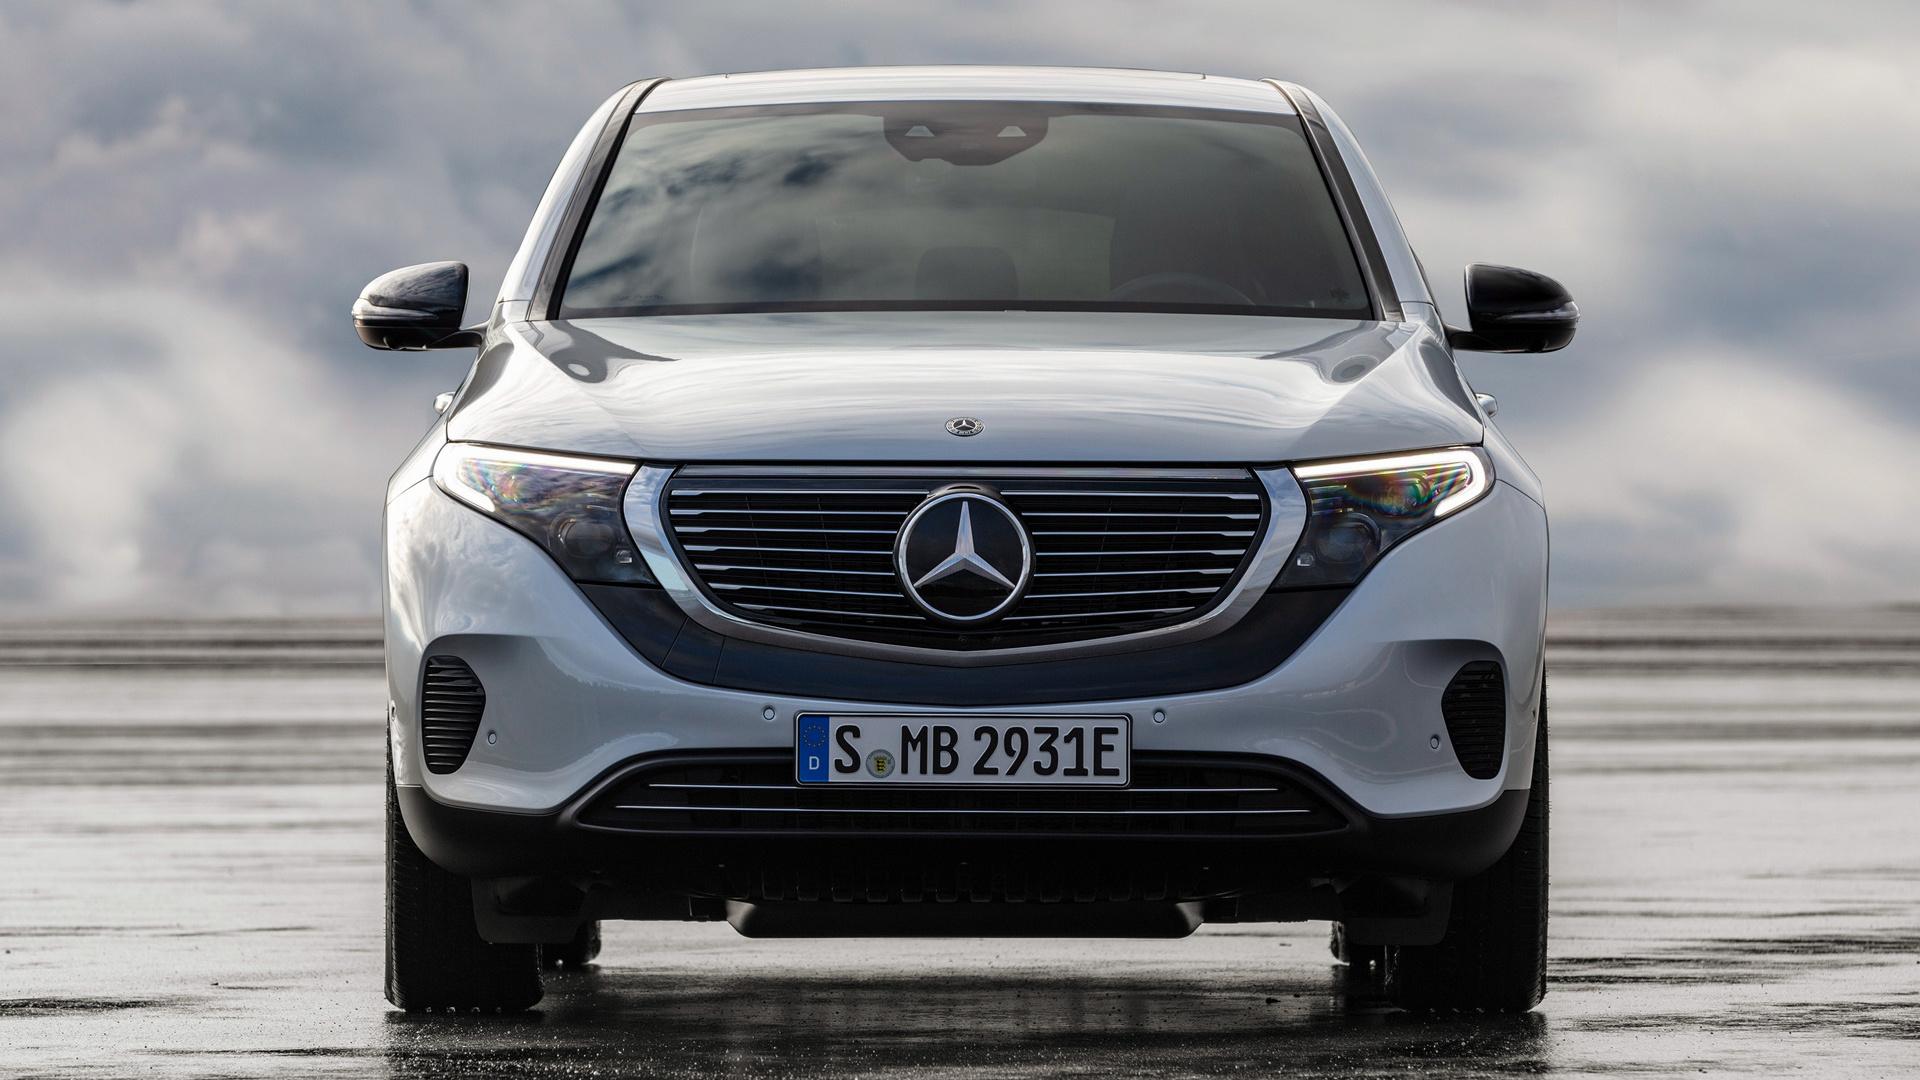 2019 Mercedes Benz EQC   Wallpapers and HD Images Car Pixel 1920x1080